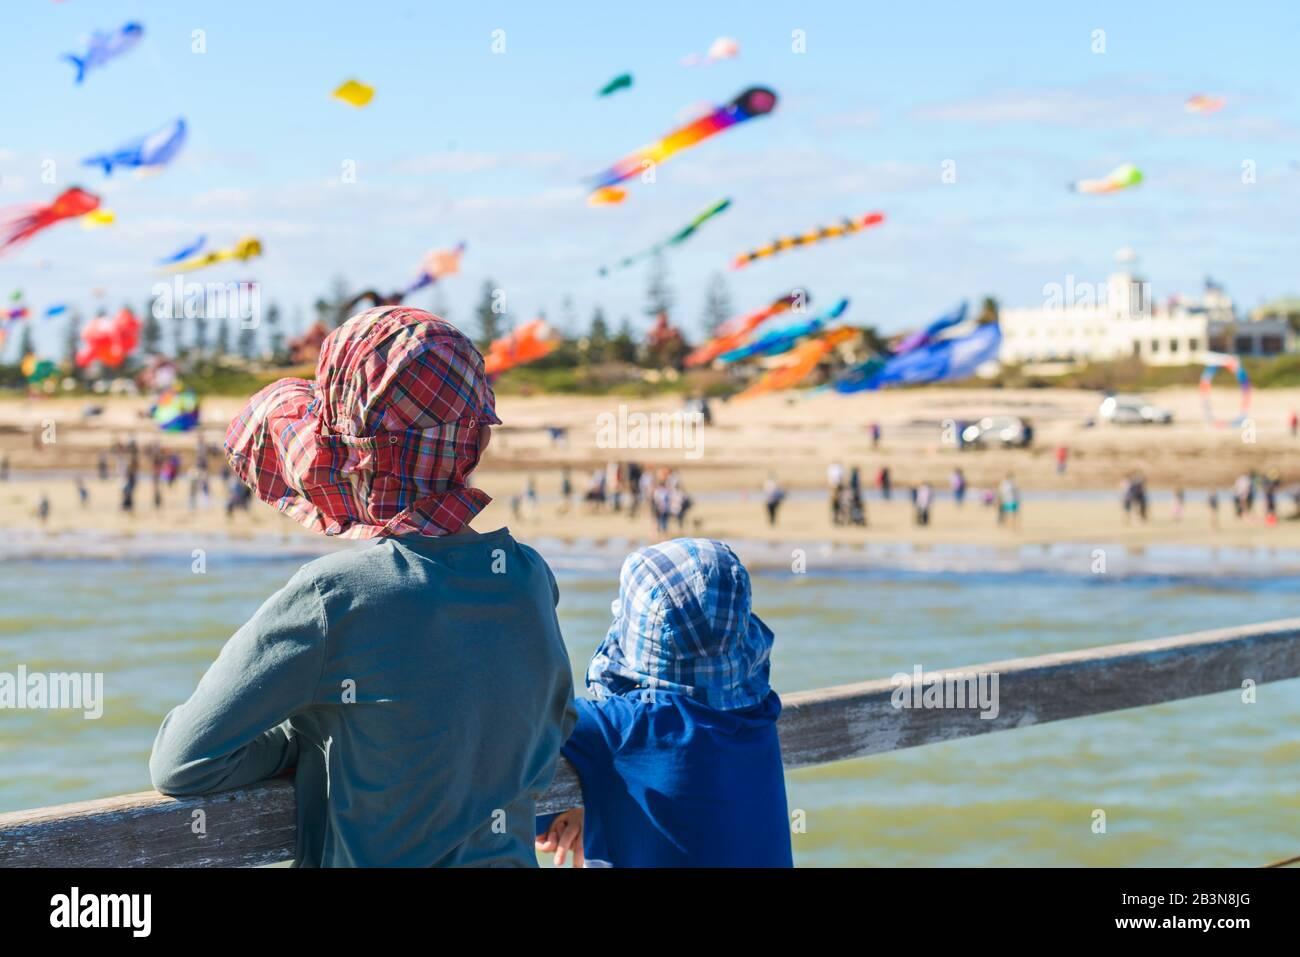 Kinder, die fliegende Drachen aus Semaphore Jetty, South Australia, beobachten Stockfoto